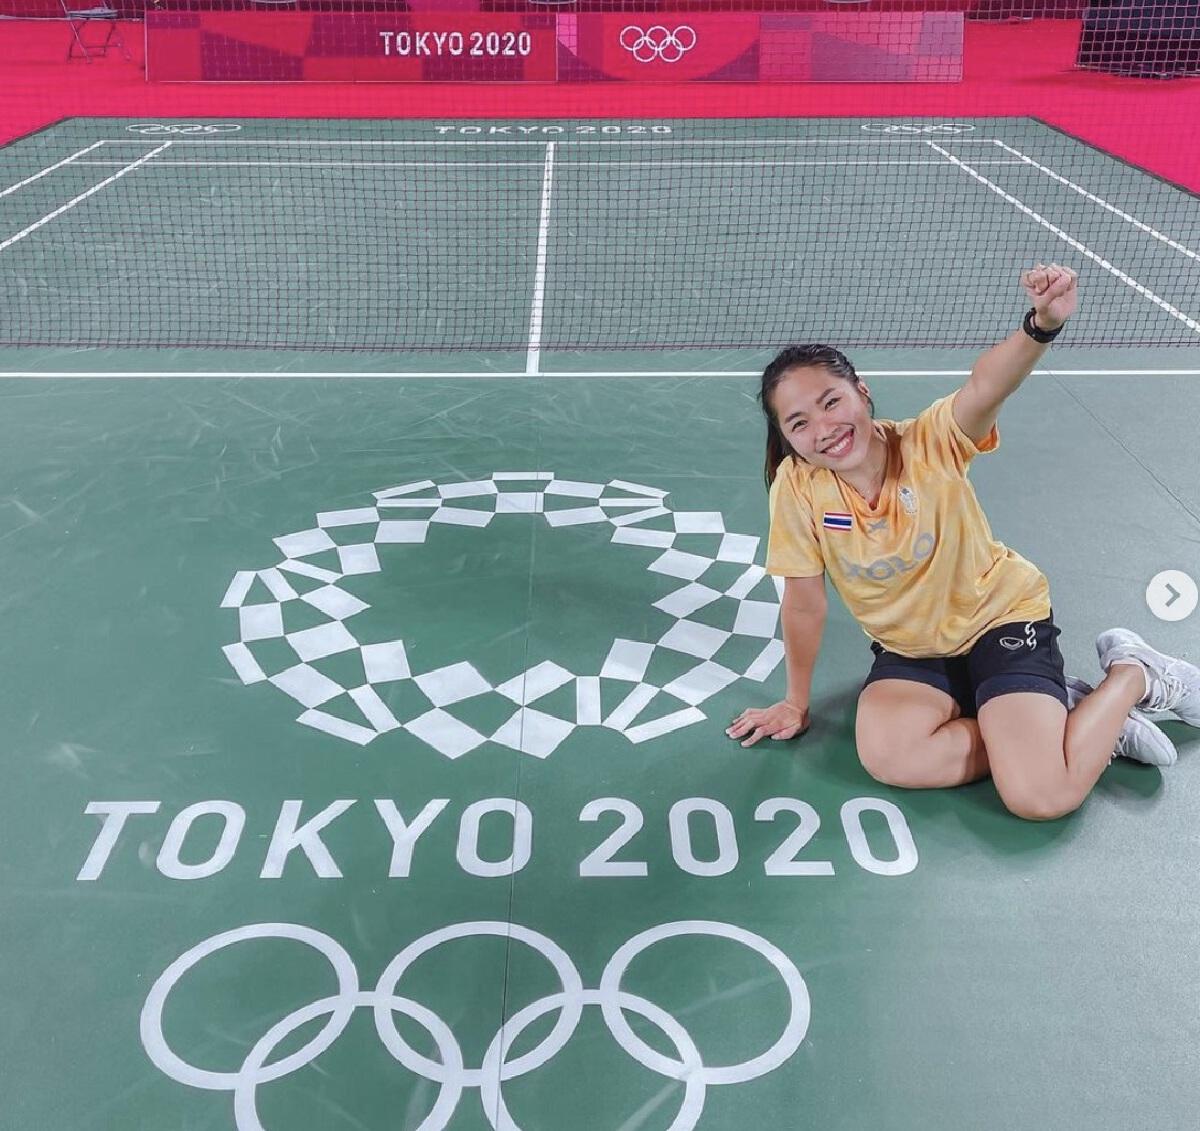 ถ่ายทอดสด แบดมินตัน โอลิมปิก 2020 รัชนก อินทนนท์ พบ ไถ่ ซื่อหยิง